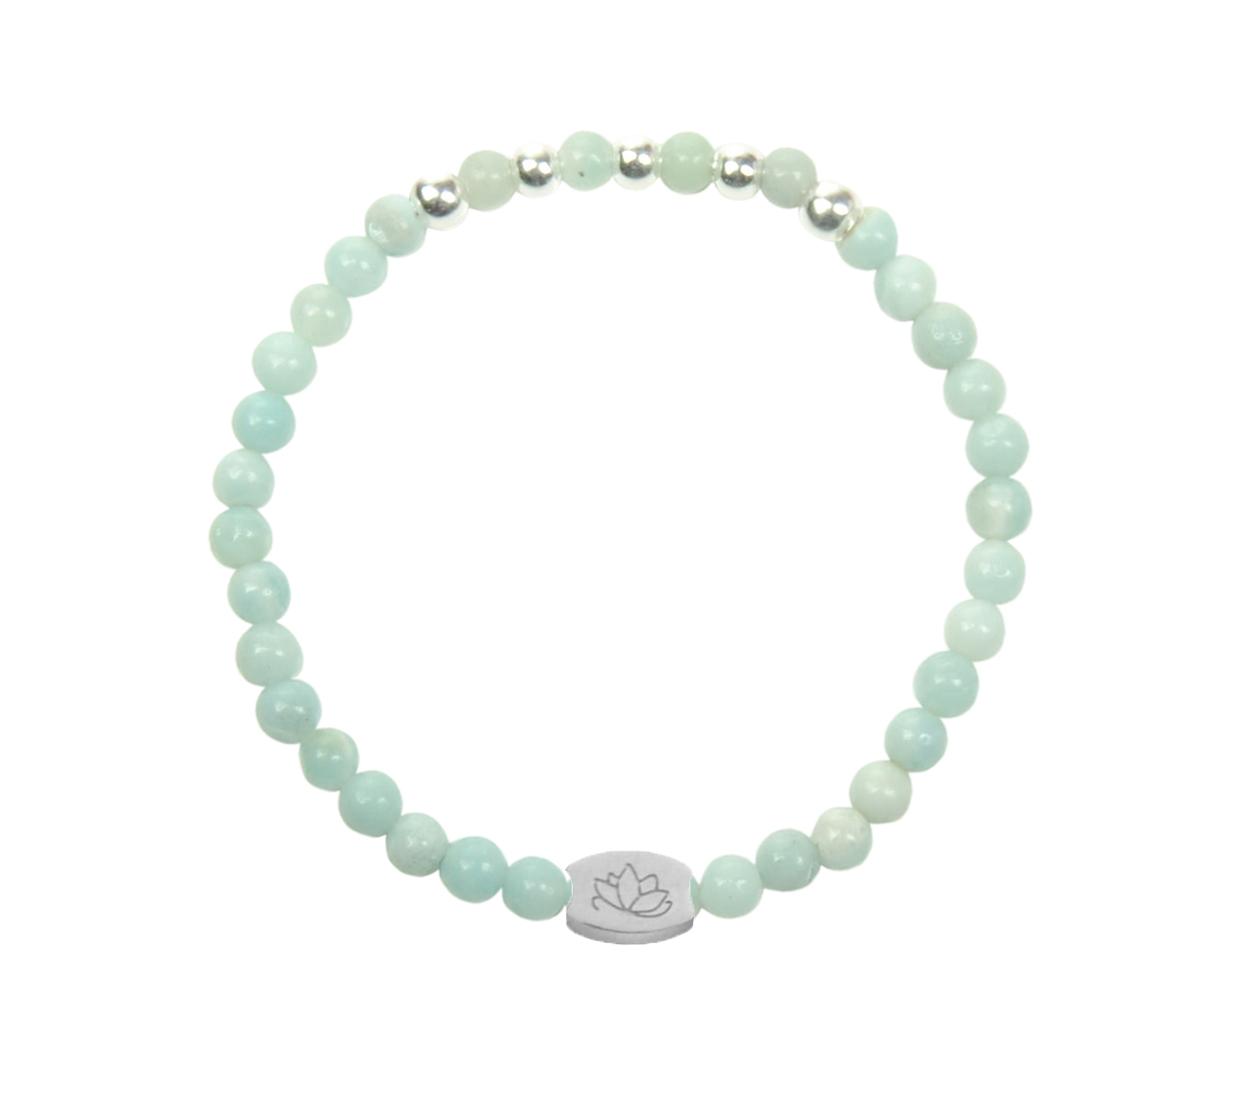 Armbaender für Frauen - MAS jewelz Armband Amazonit Silber 4mm  - Onlineshop Tante Emmer